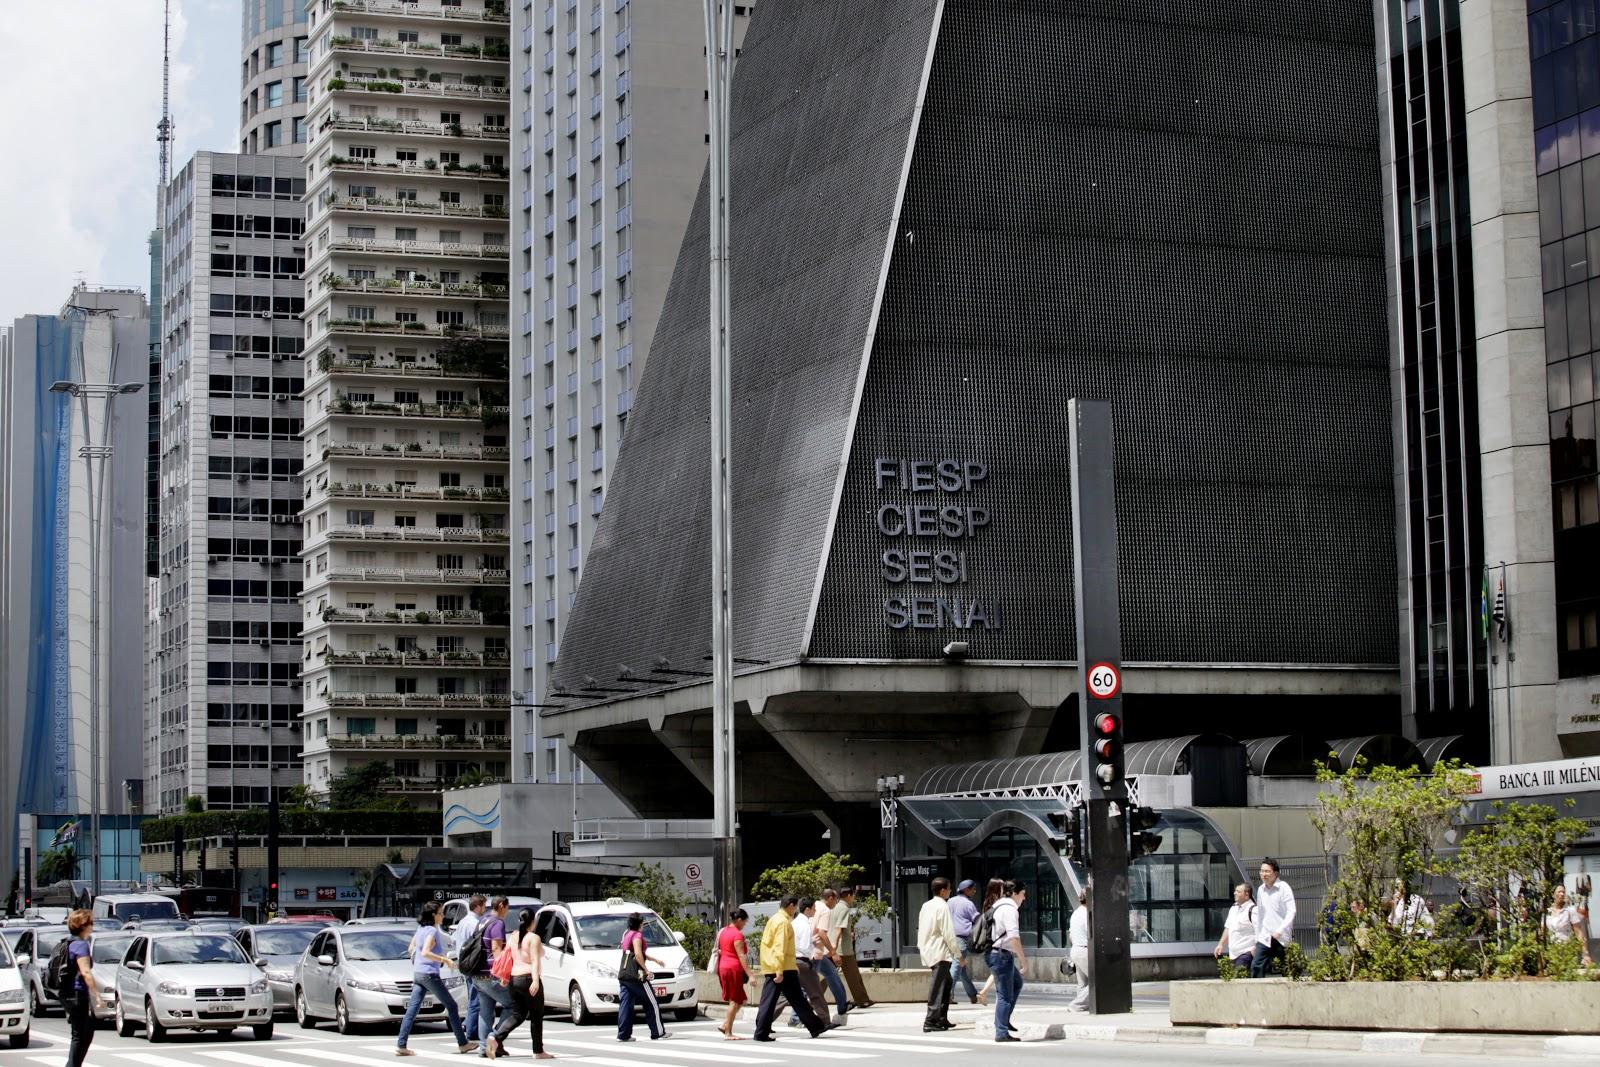 Pessoas atravessando a Avenida Paulista, da esquerda para a direita, no farol fechado para carros e, ao fundo, o Centro Cultural Fiesp.